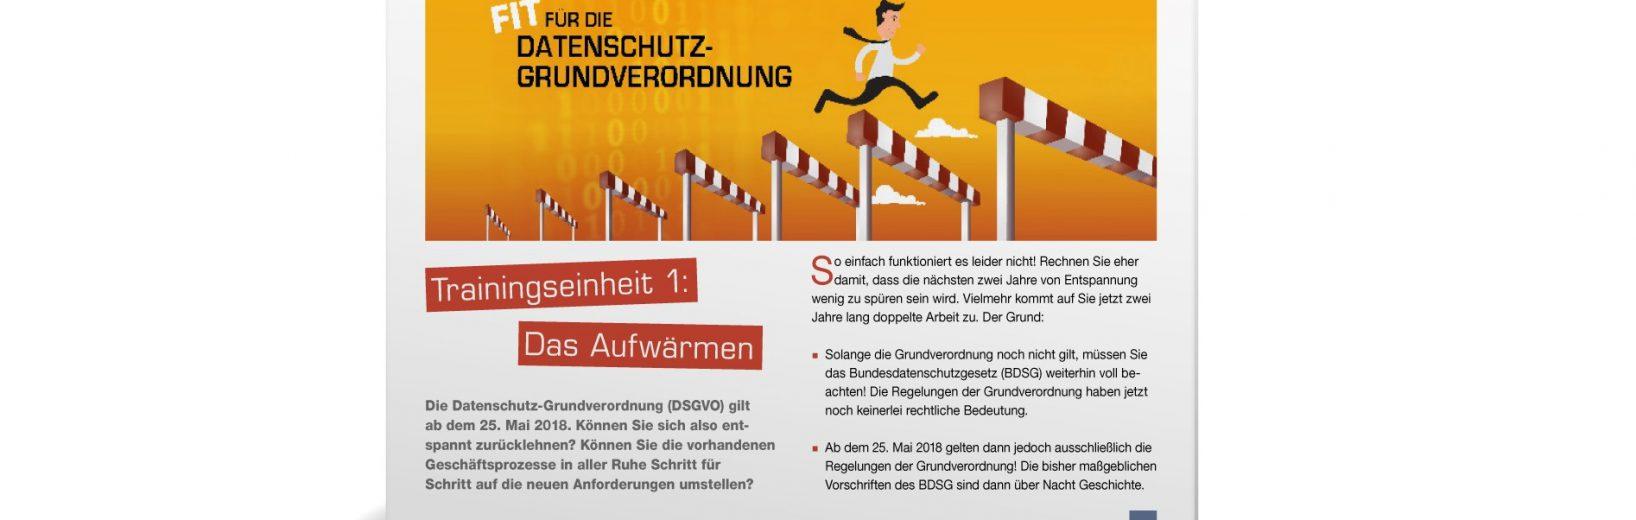 Trainingseinheiten zur DSGVO: ohne Juristen- und Admin-Deutsch